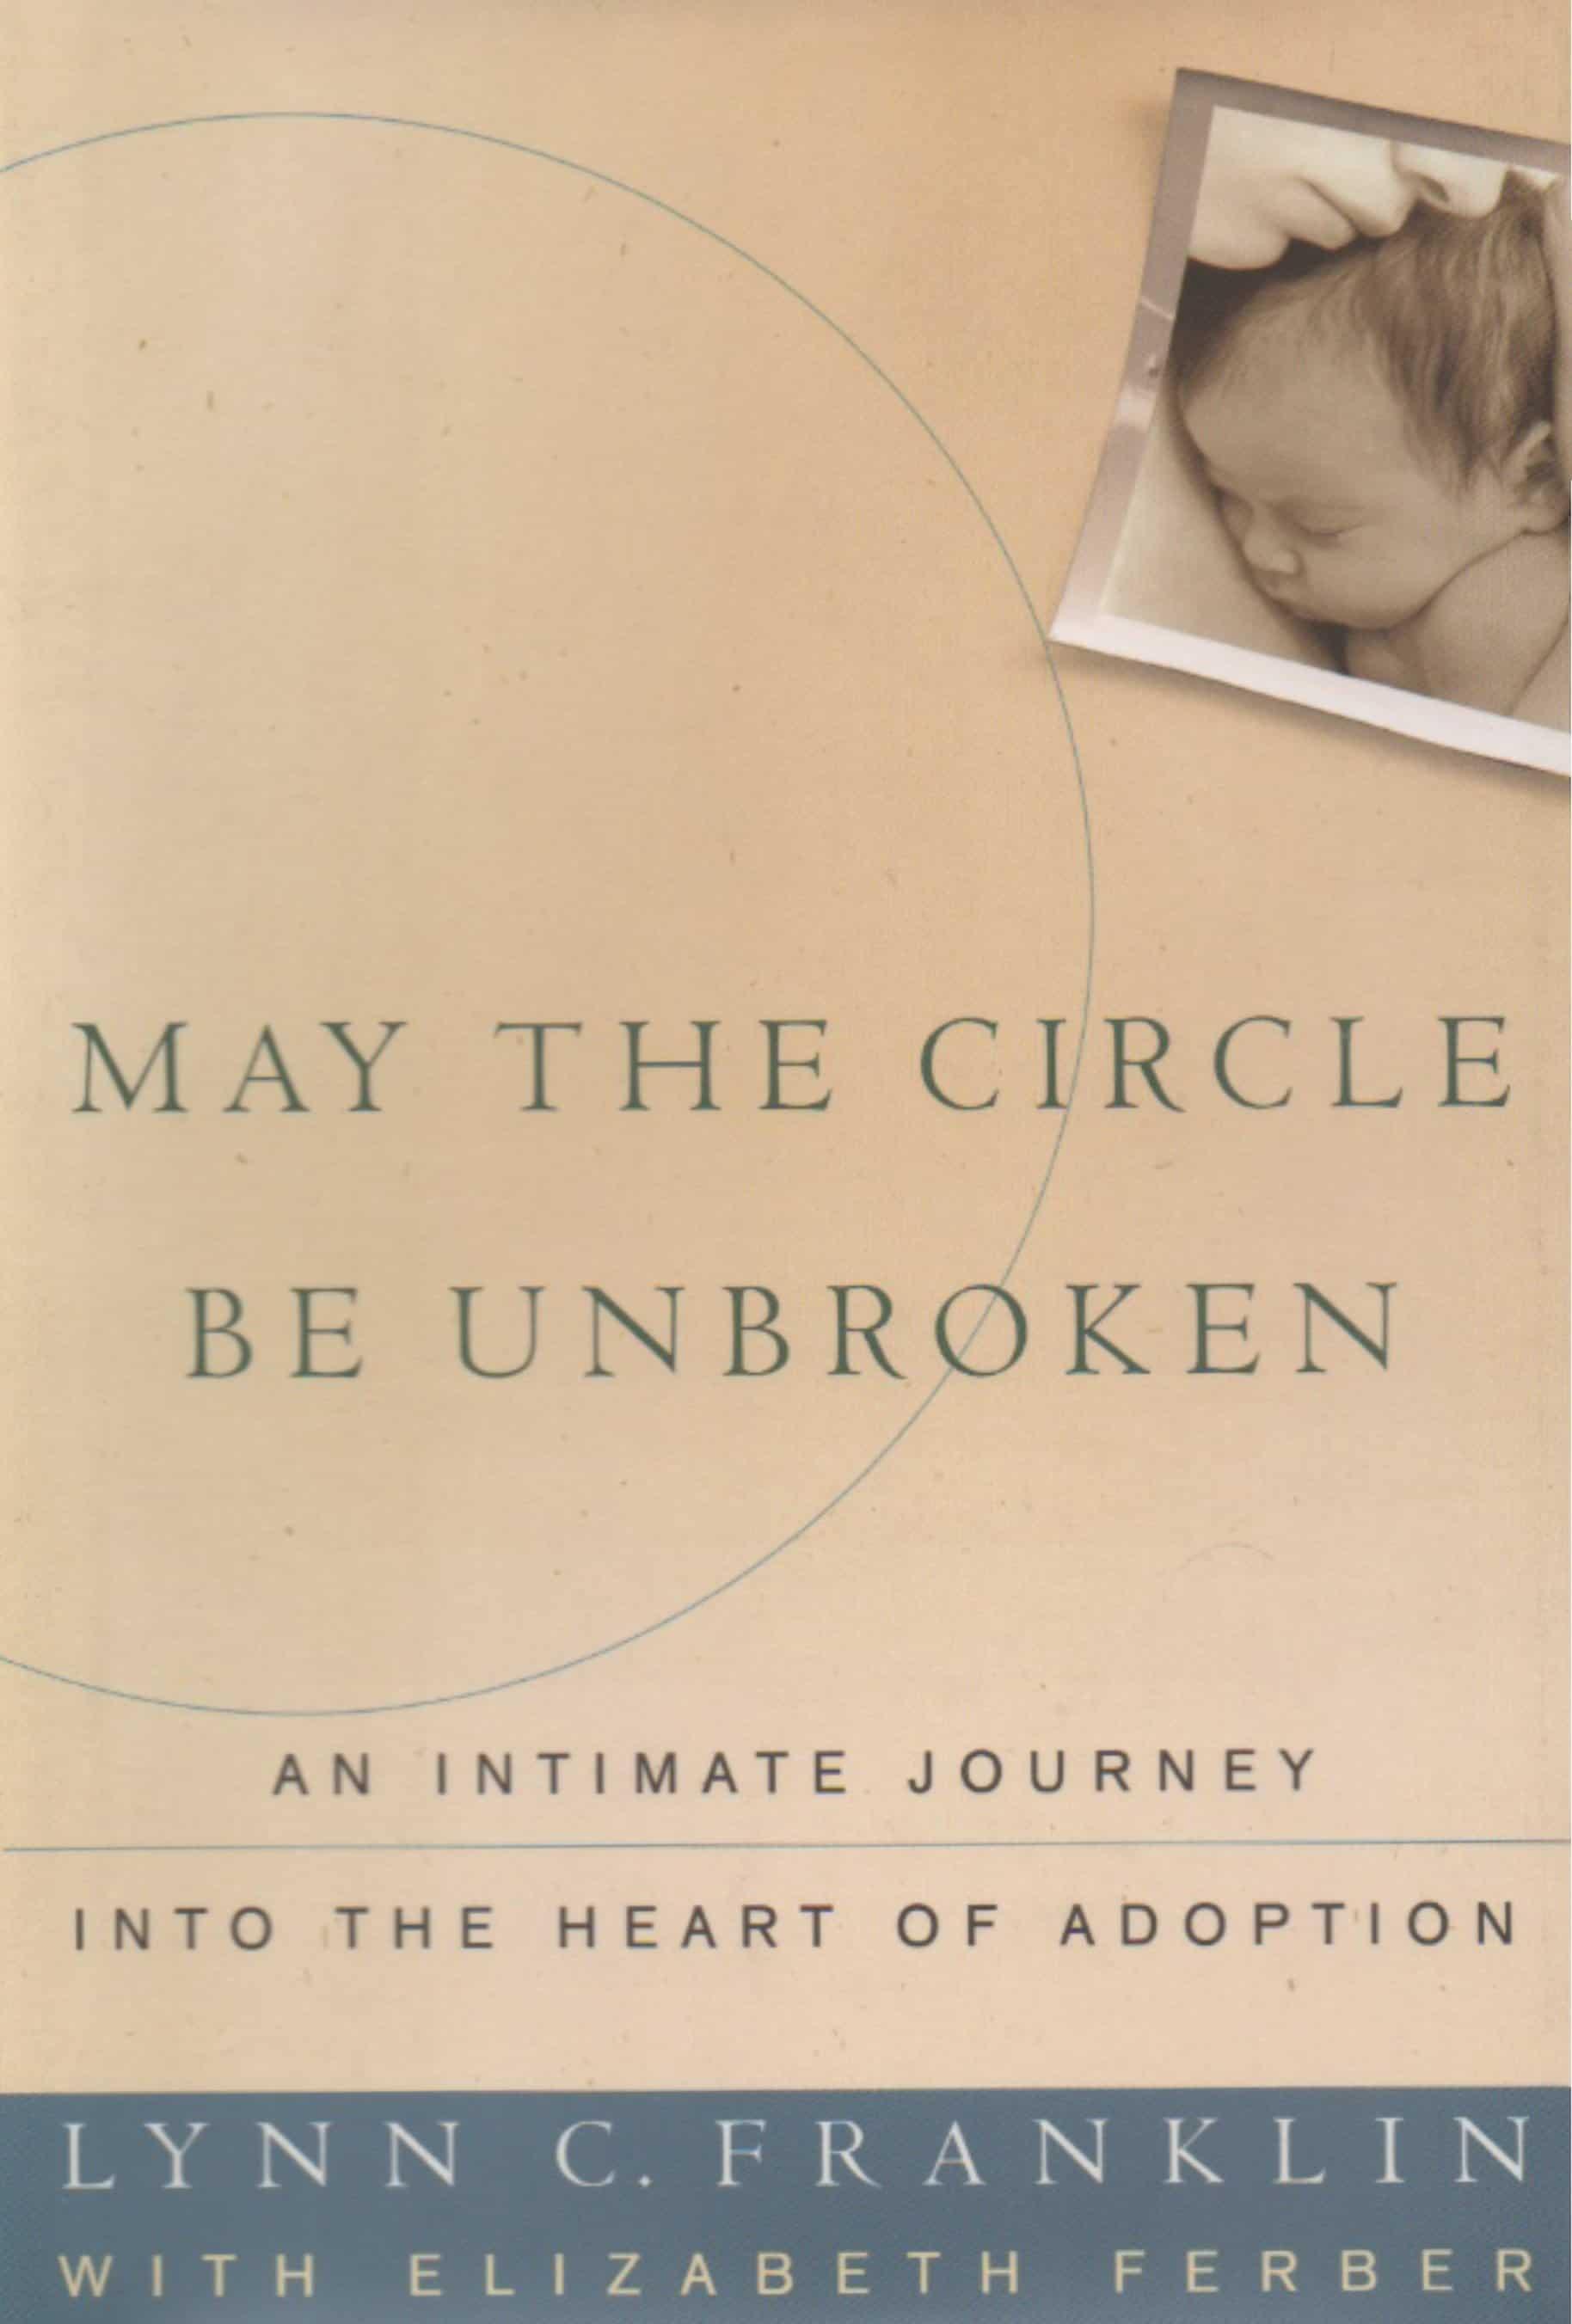 Lynn Franklin book